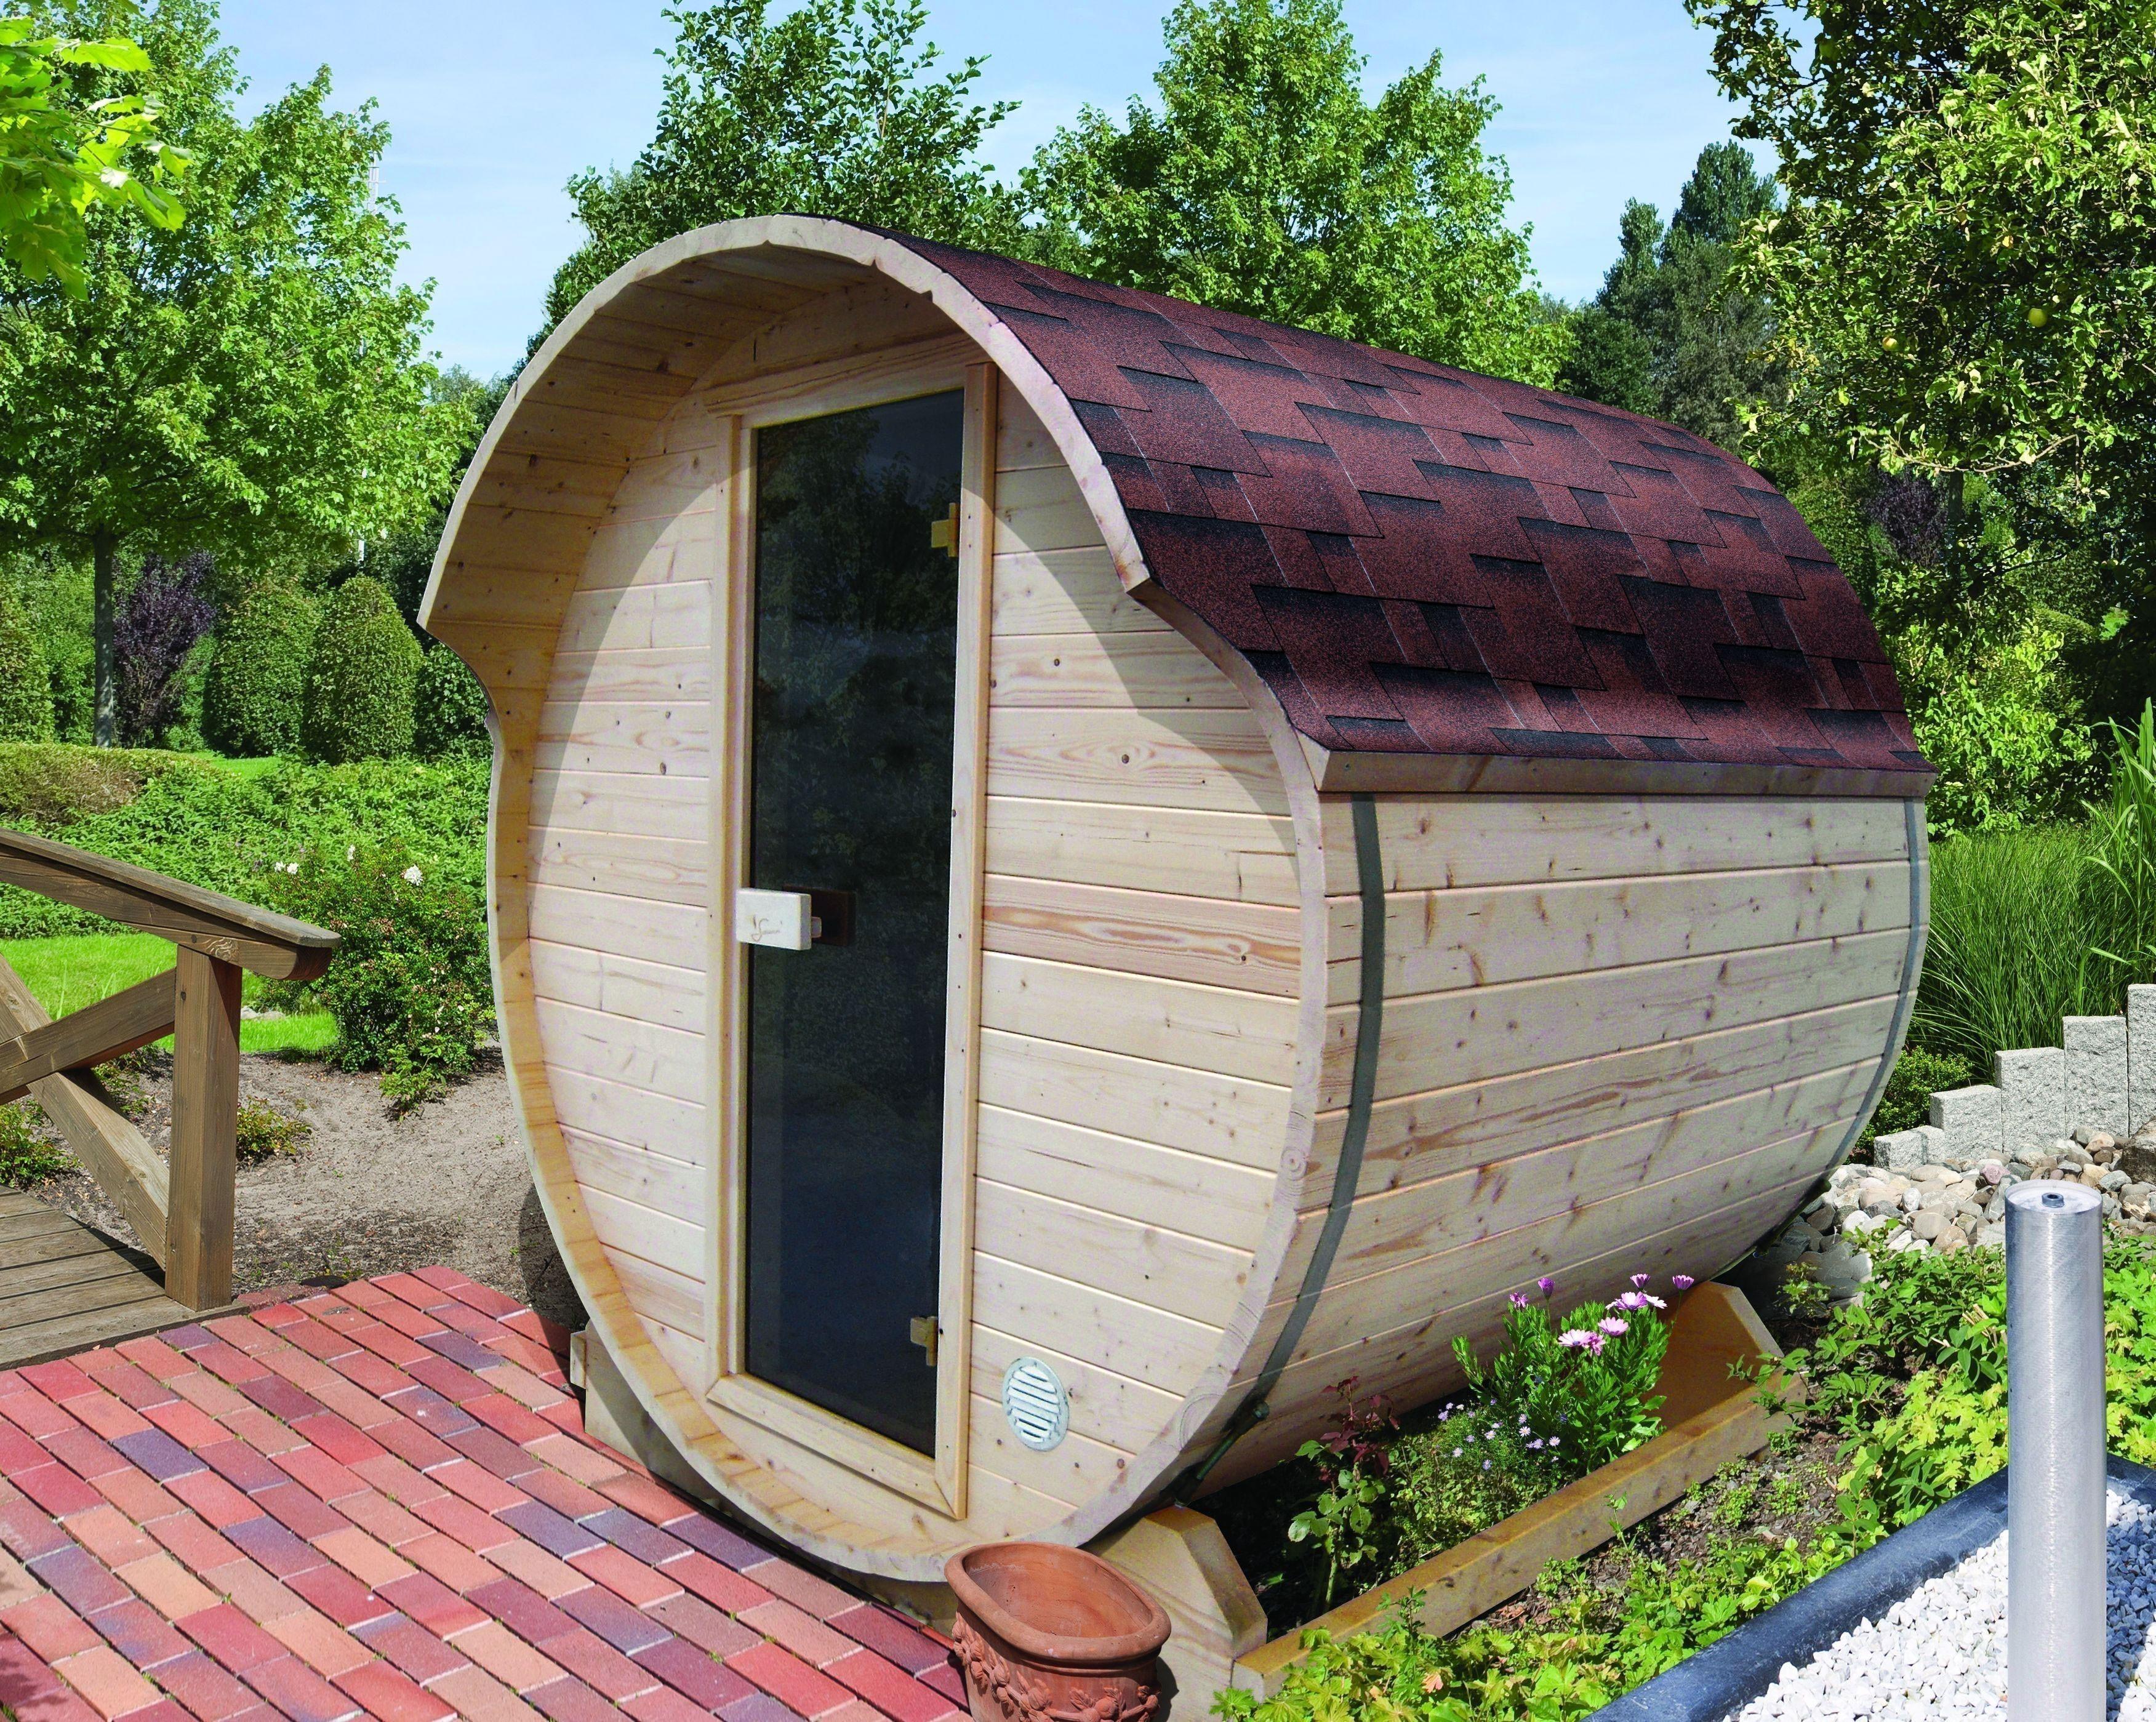 Außensauna karibu fass 1 außensauna mit bio saunaofen 9kw bei